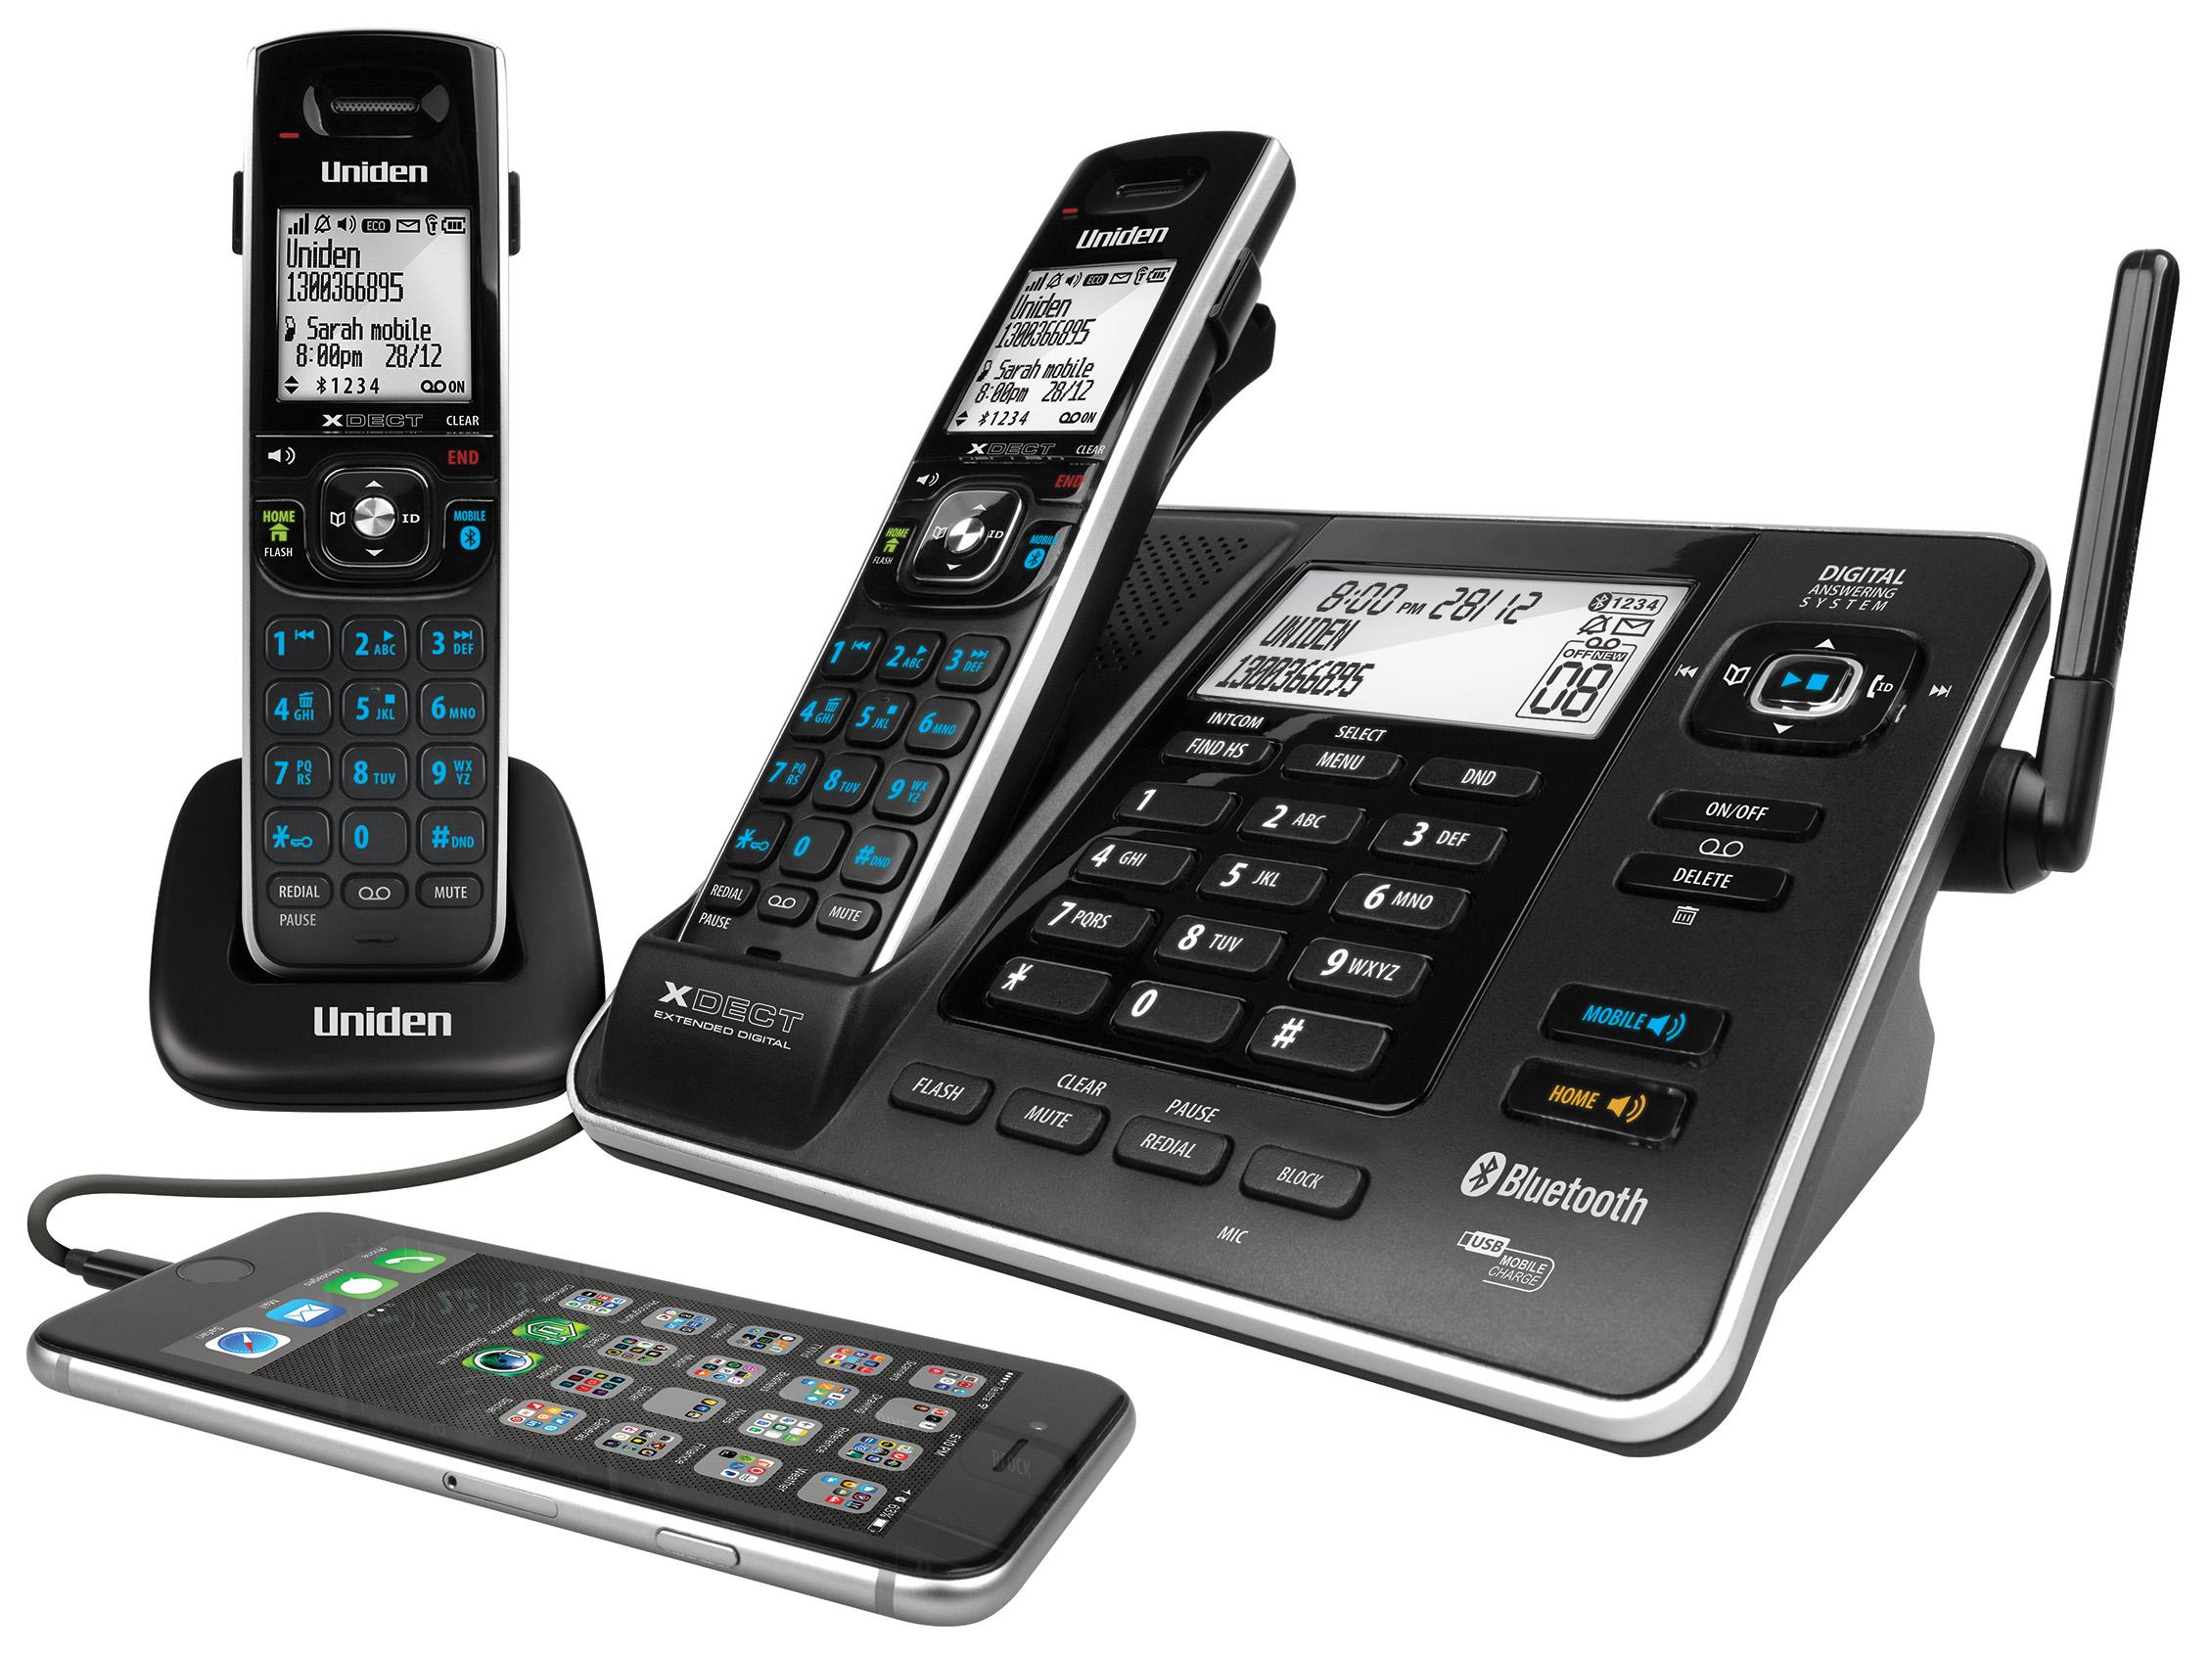 xdect 8355 1 uniden rh uniden com au uniden xdect 7015 user manual uniden xdect sse35 user manual